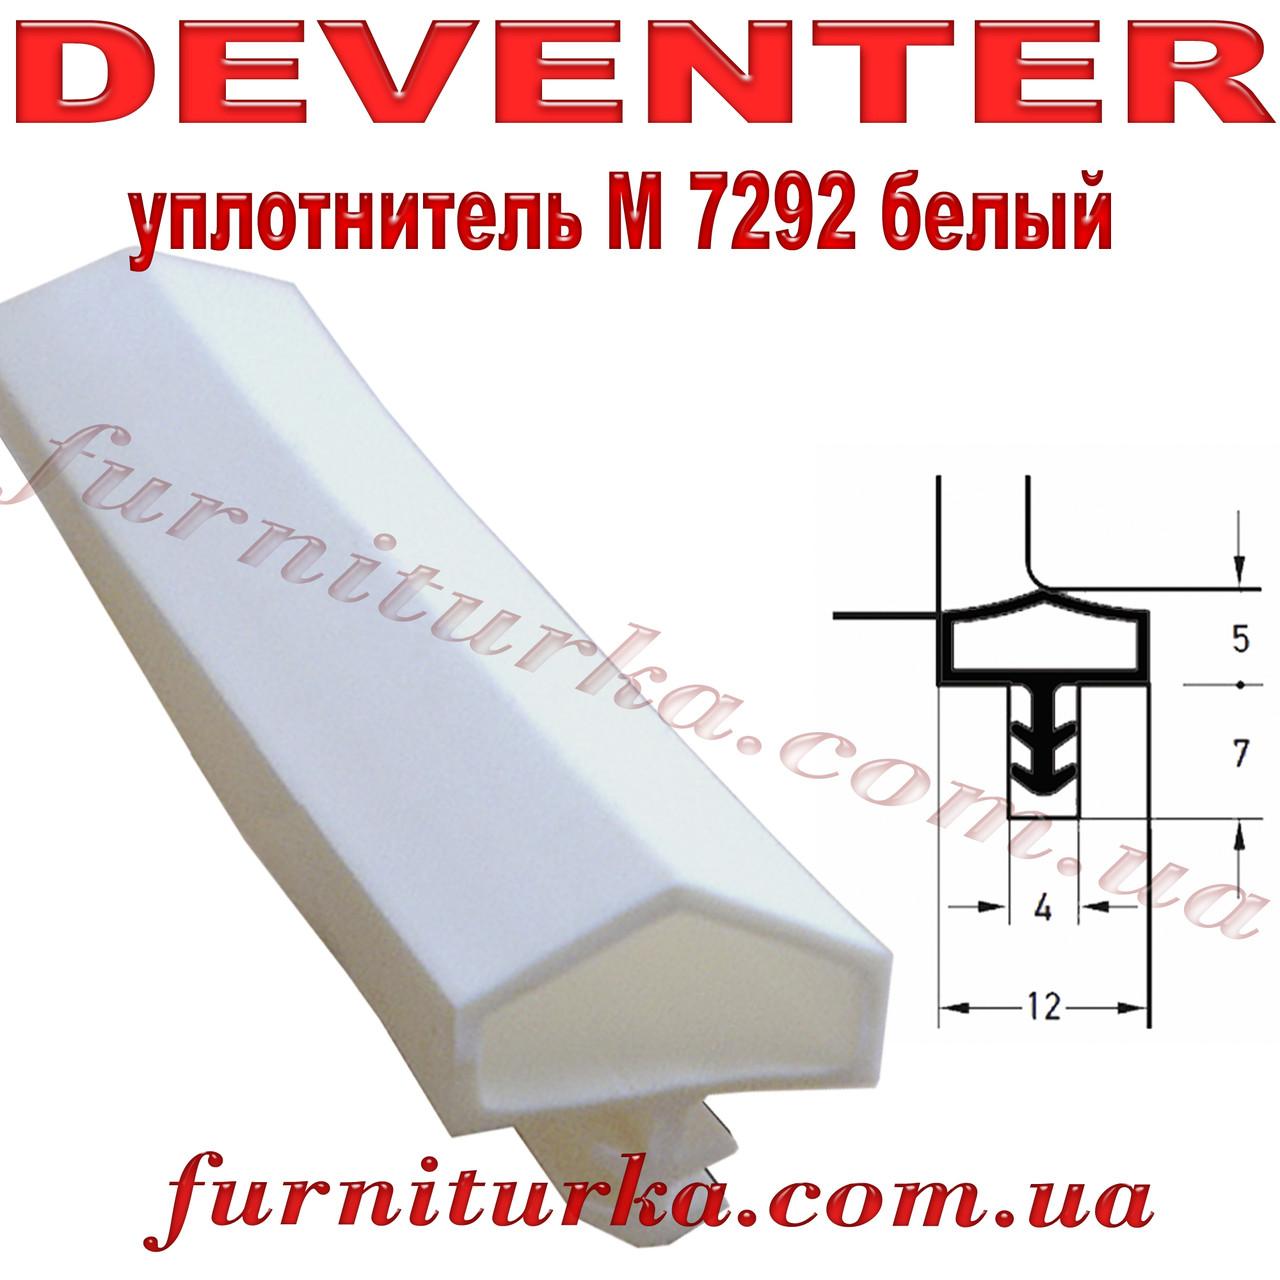 Уплотнитель дверной Deventer М 7292 белый